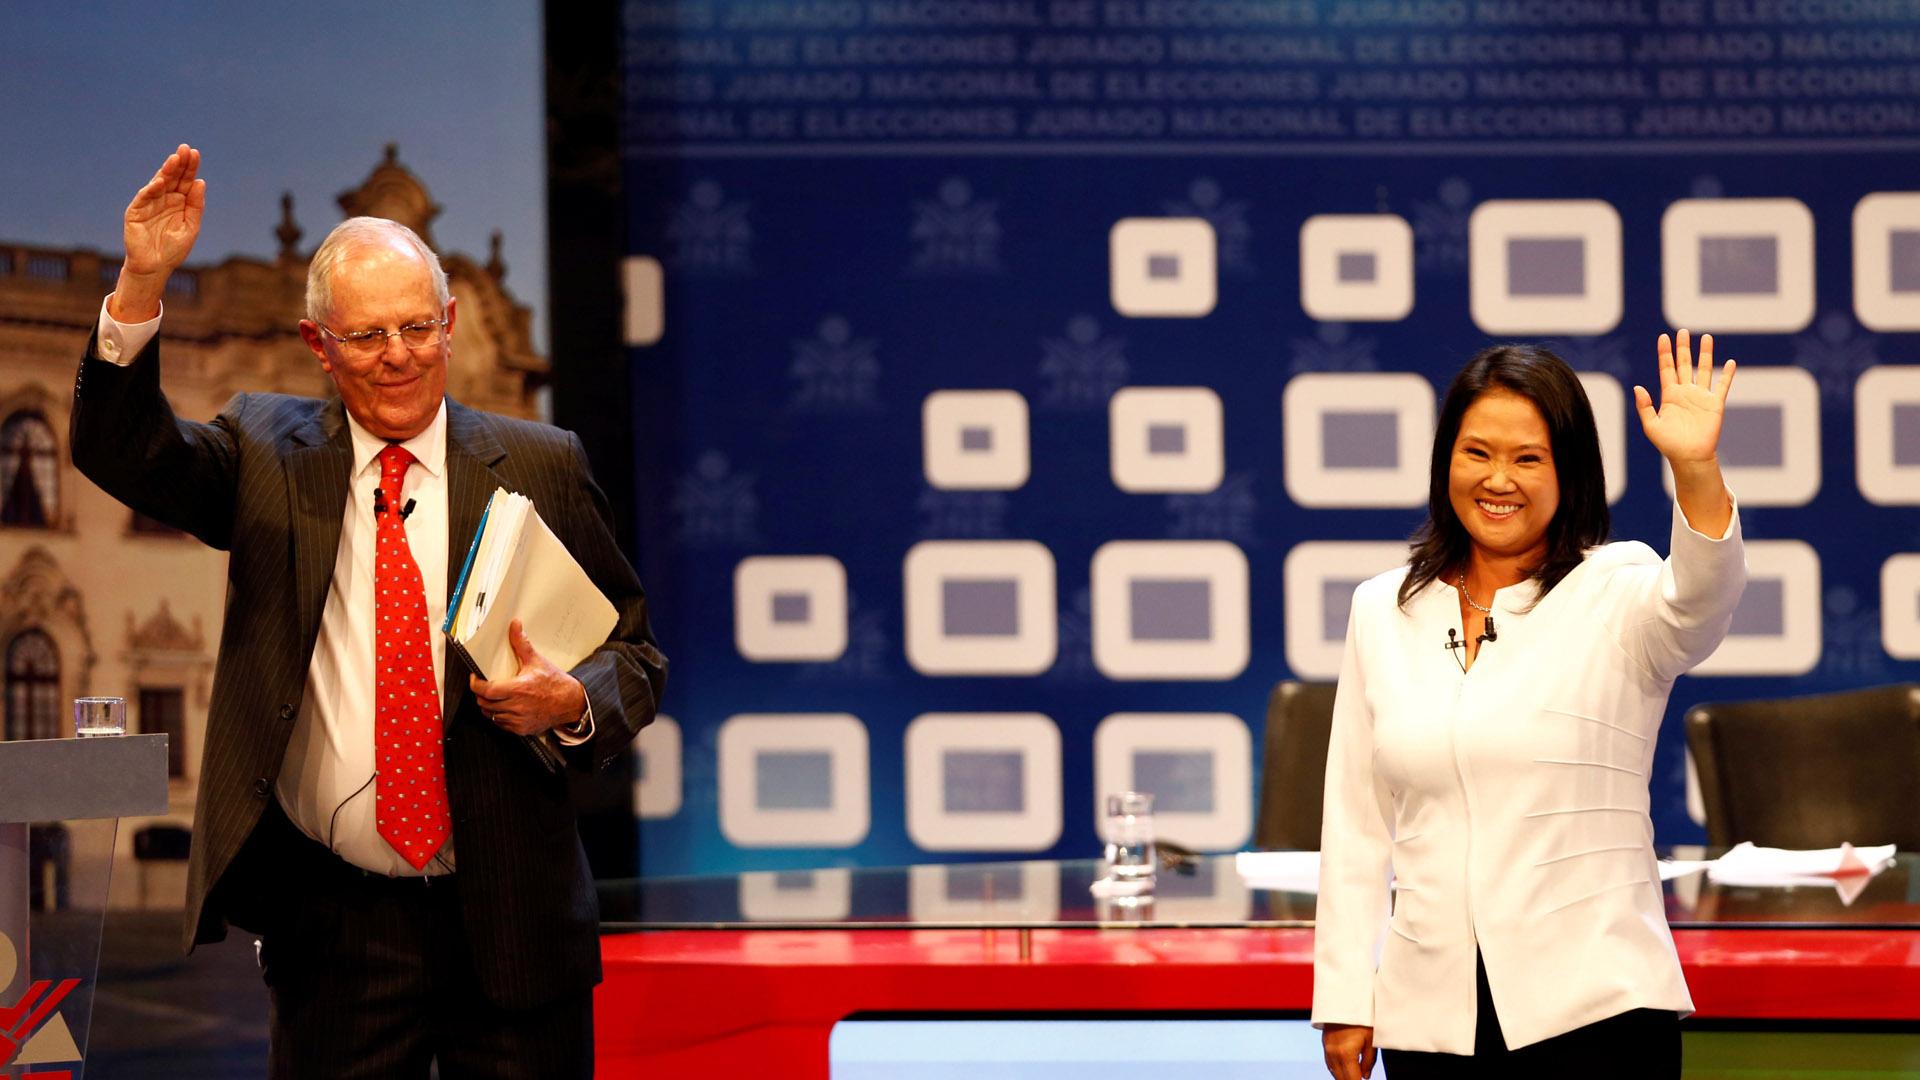 El 5 de junio los peruanos elegirán entre dos modelos de derecha, la autoritaria de Fujimori y la tecnocrática de Kuczynski